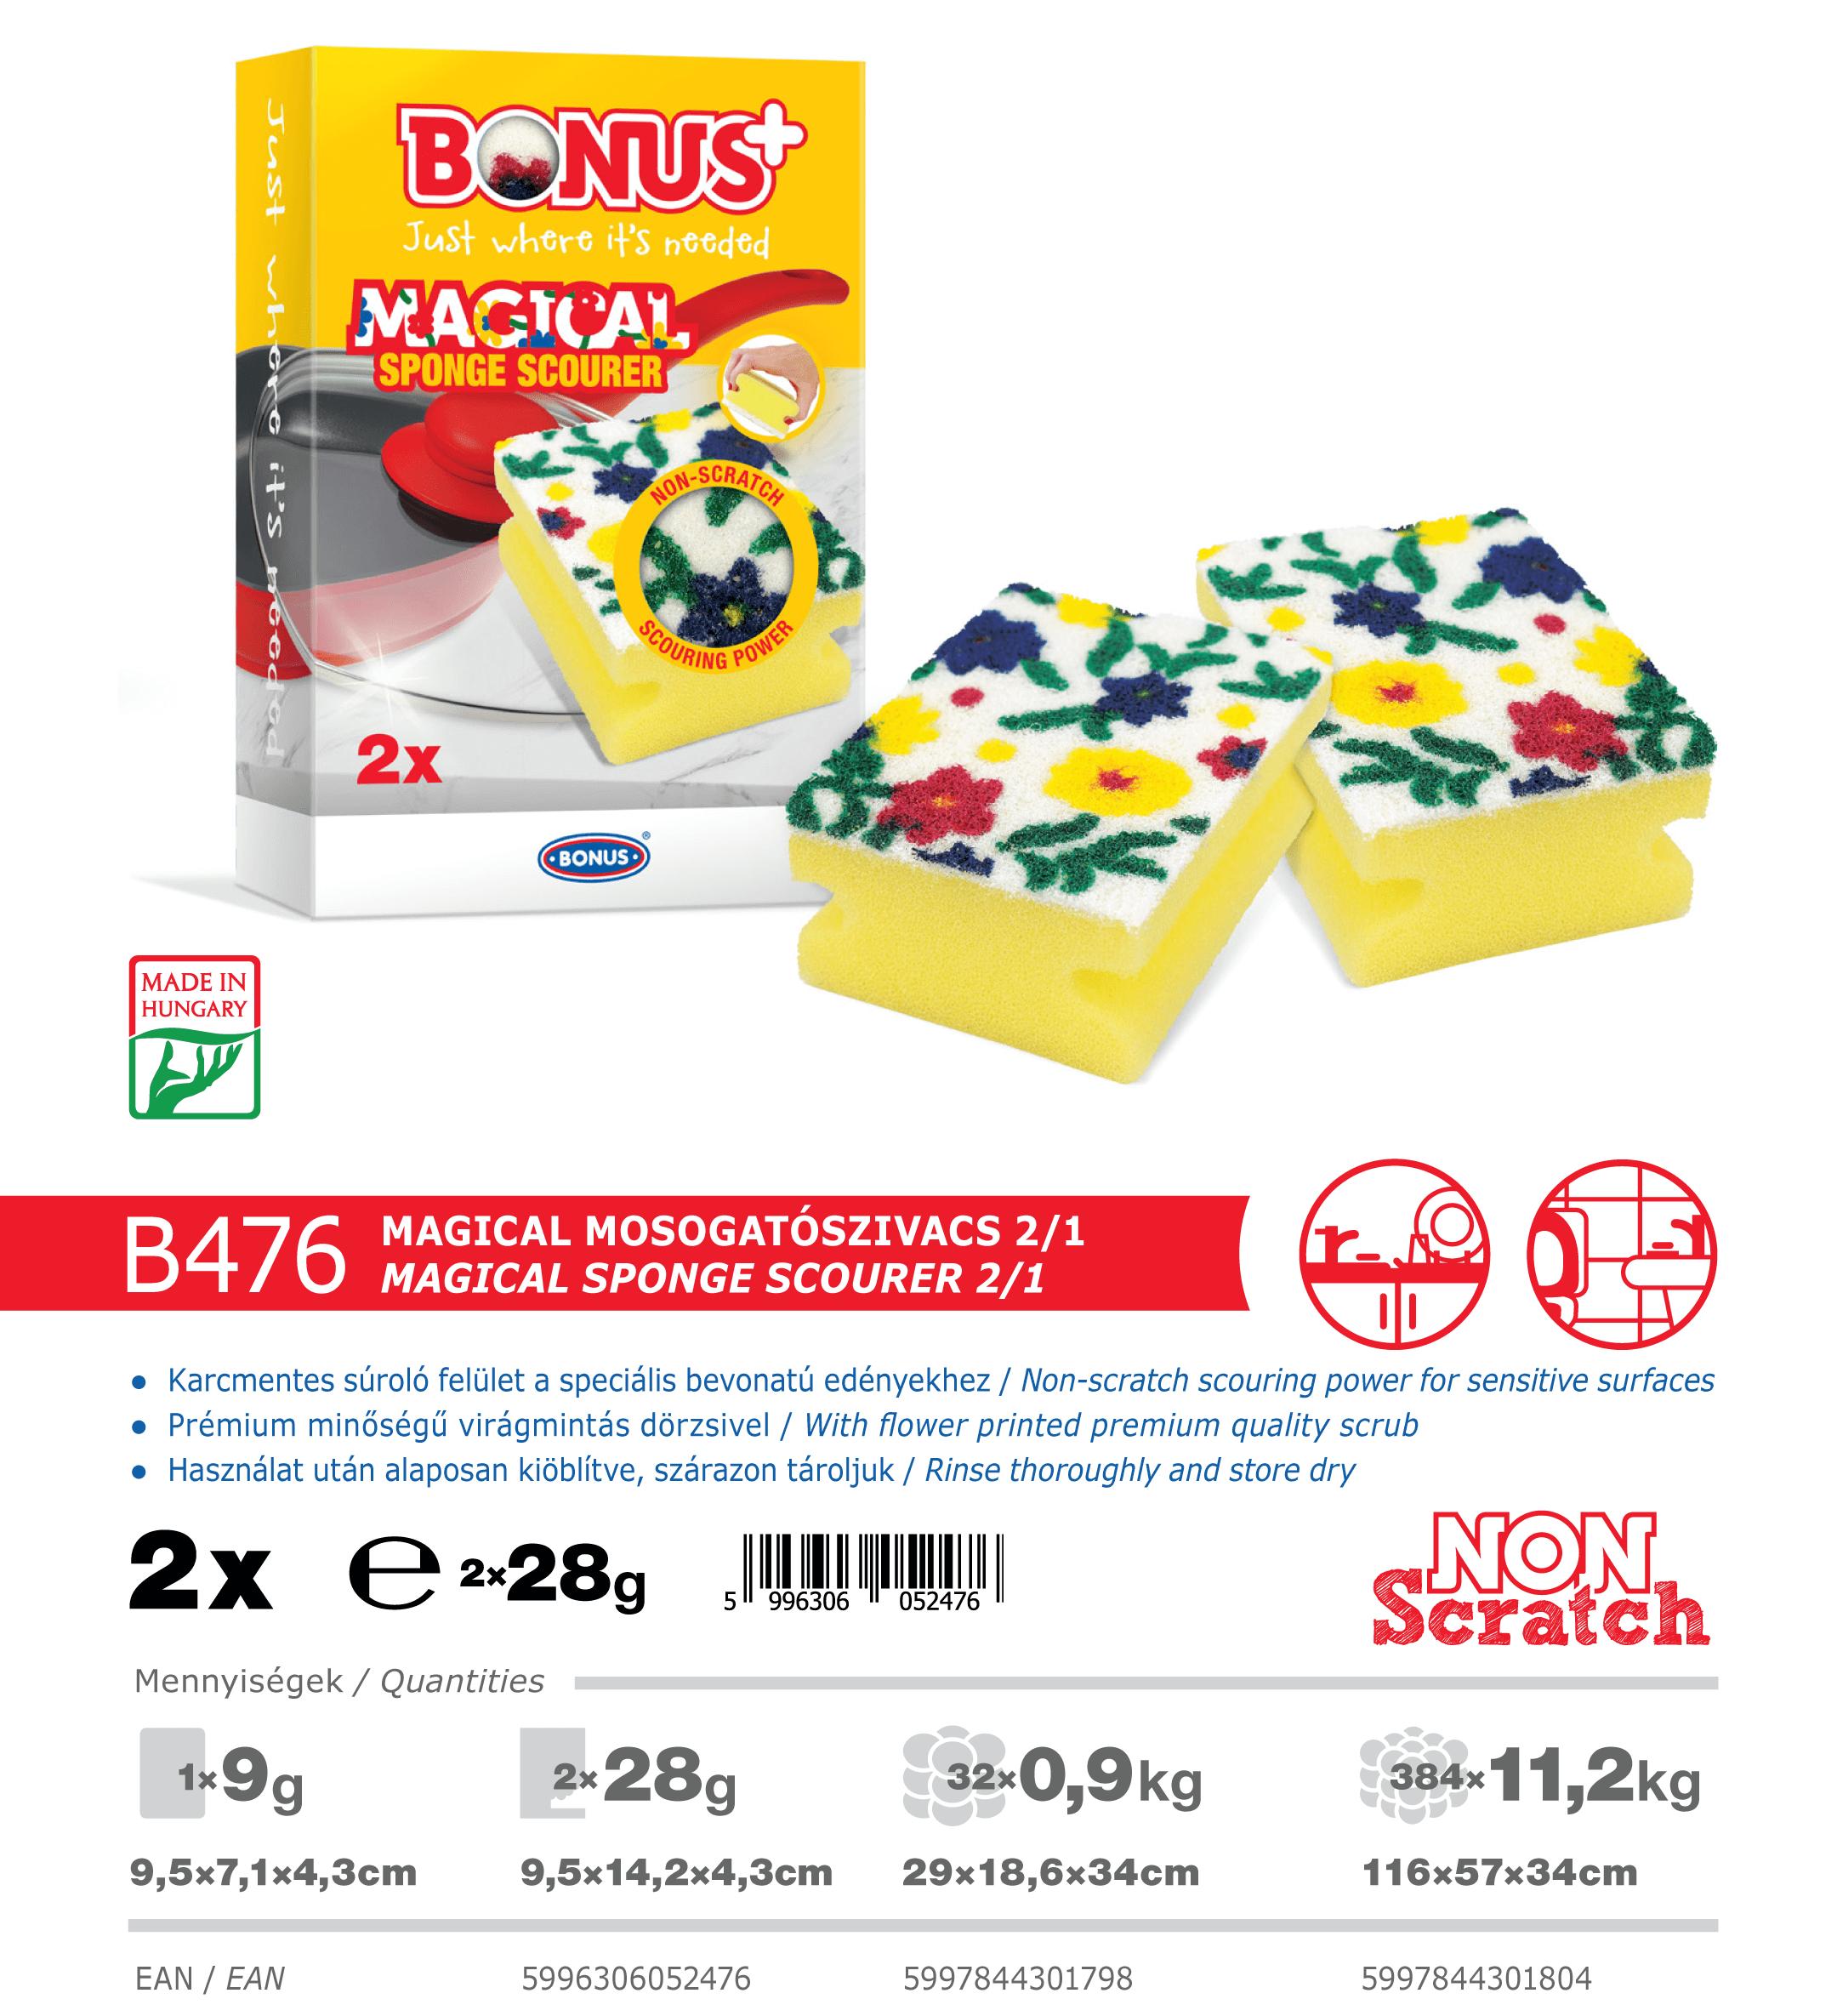 B476 Bonus+ Magical mosogatószivacs 2/1 katalógus adatok